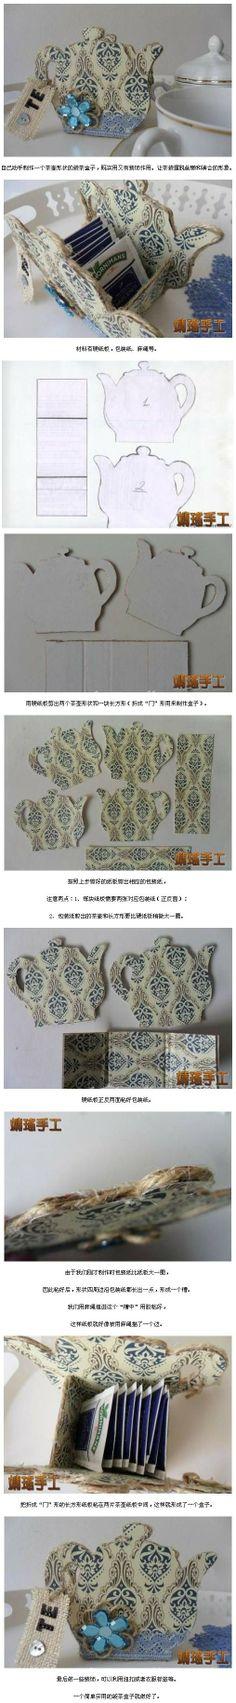 Diy cardboard waste utilization funny teabag box http://www.yaoyao88.net/Class.asp?ID=33